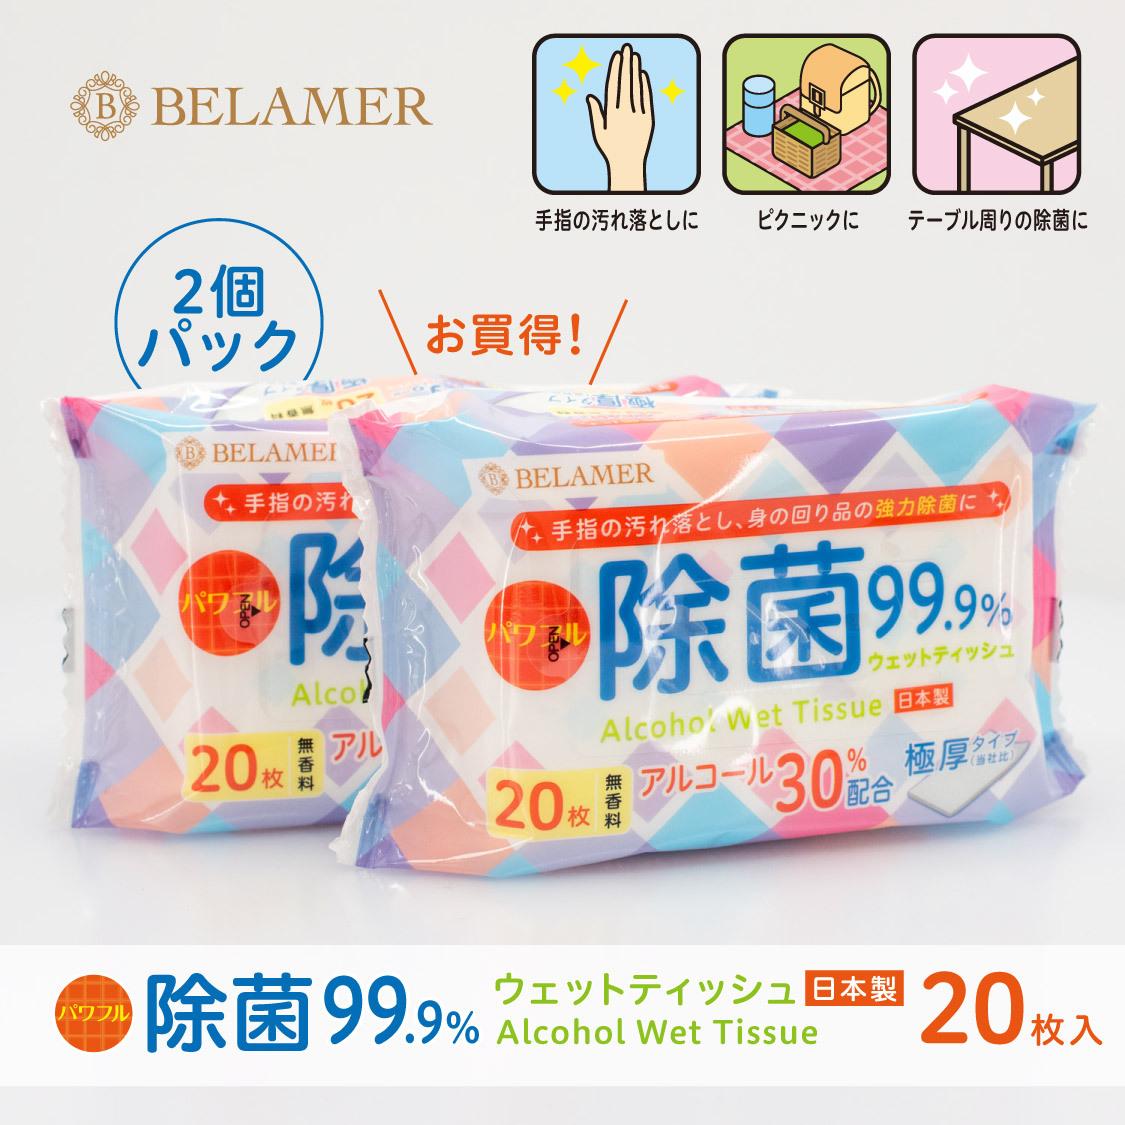 【春セール】ベラメル パワフルアルコール30%除菌 極厚おでかけウエットティッシュ(20枚2P)